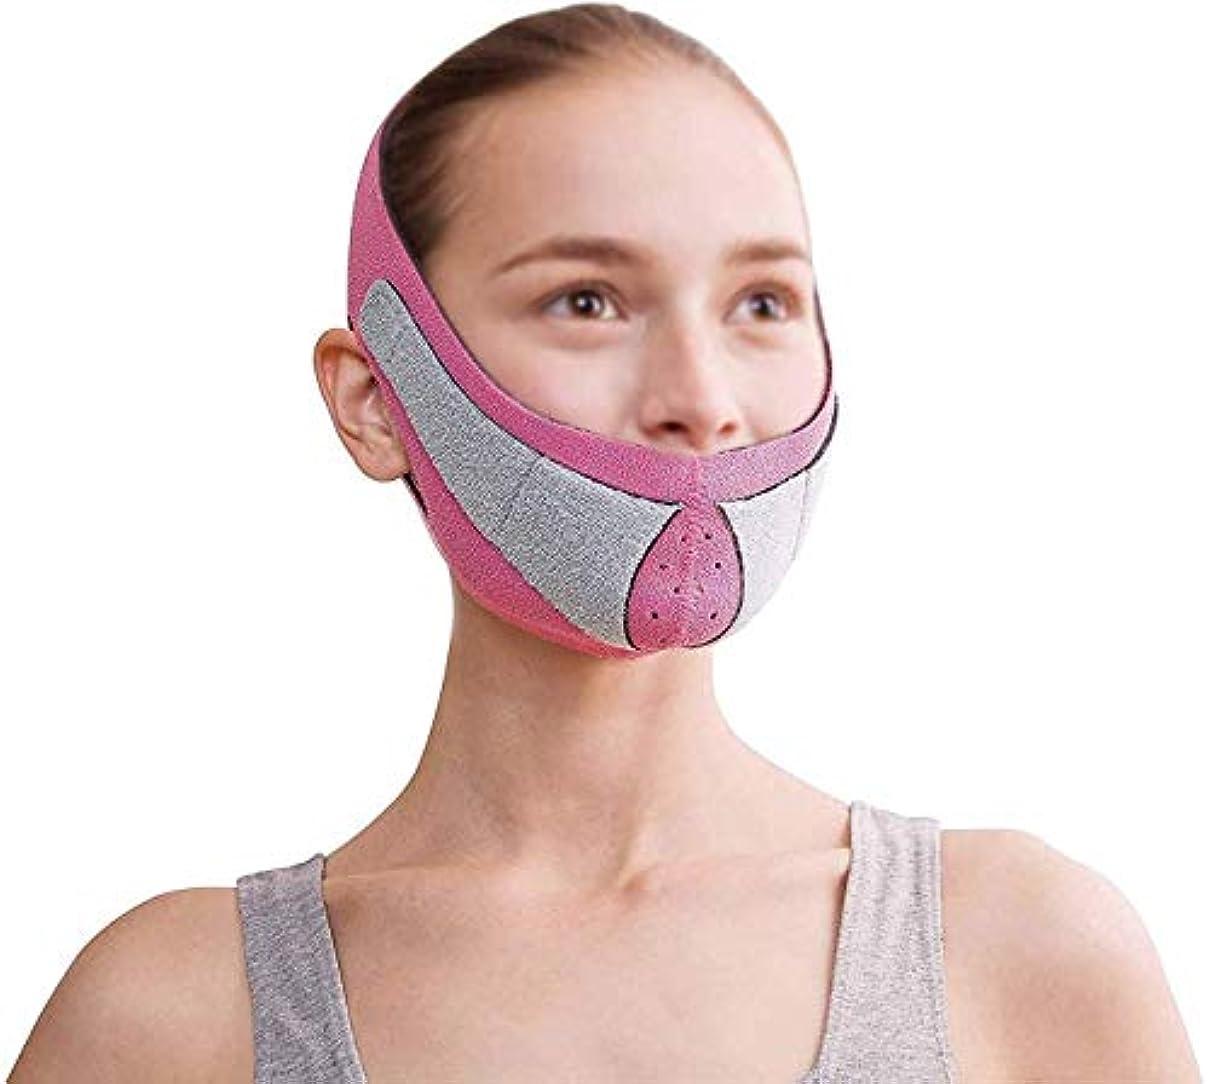 見分ける腹痛メイン美容と実用的なフェイスリフトマスク、フェイシャルマスクプラス薄型フェイスマスクタイトアンチタギング薄型フェイスマスクフェイシャル薄型フェイスマスクアーティファクトビューティーネックストラップ付き